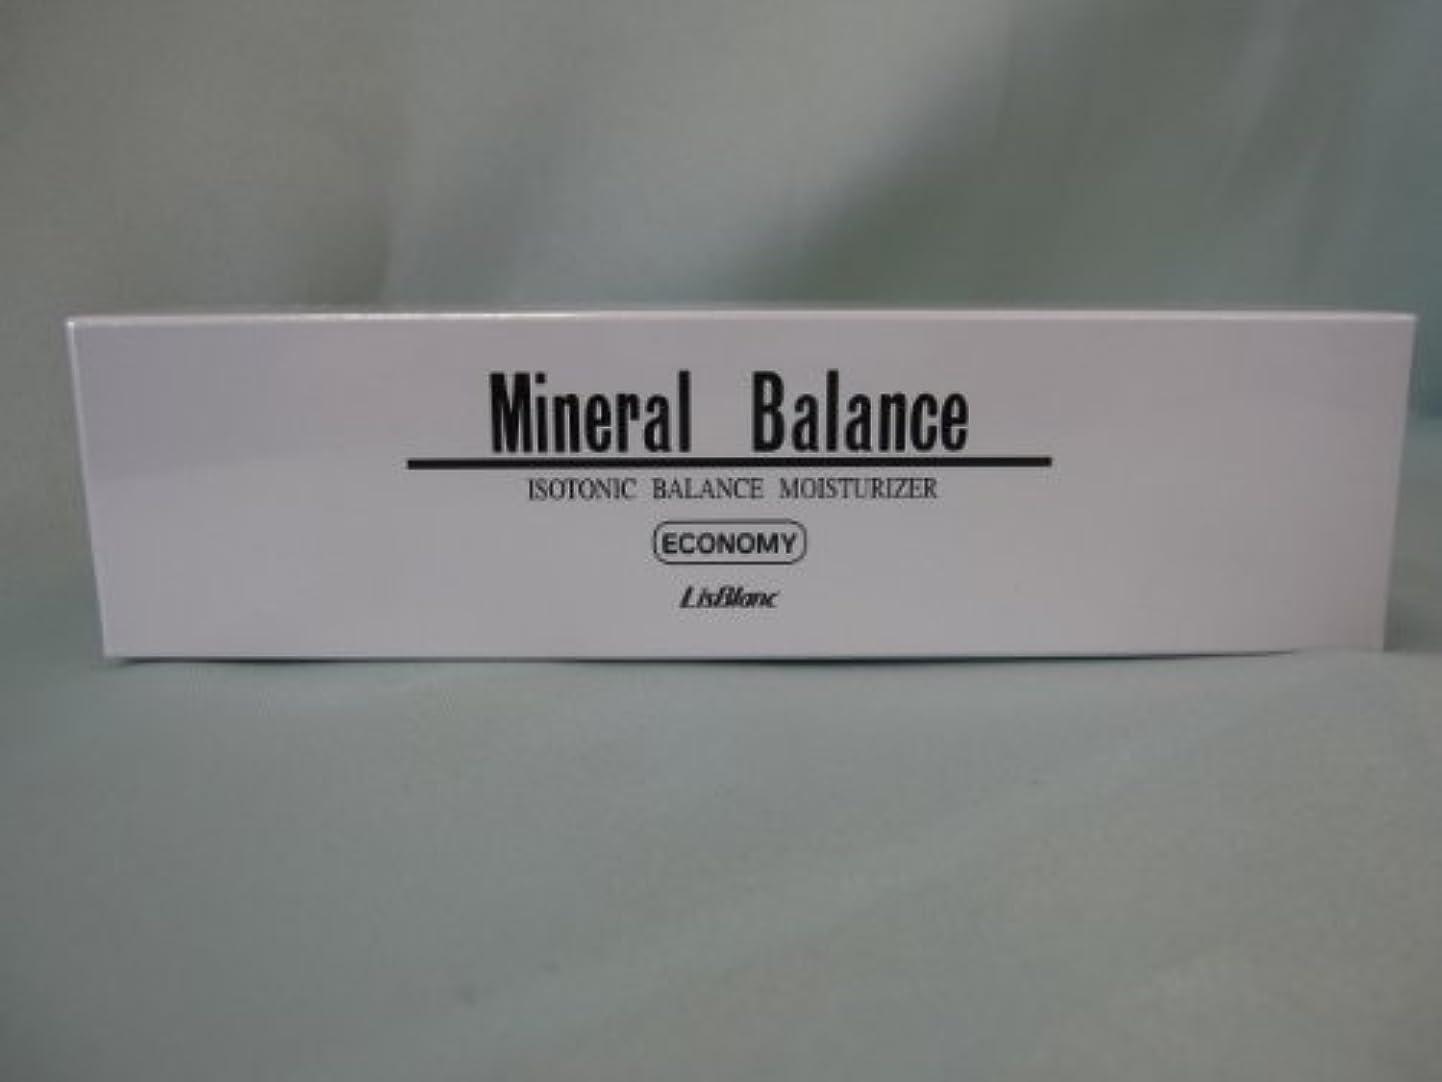 貝殻伝導部族リスブラン 薬用ミネラルバランス 100g